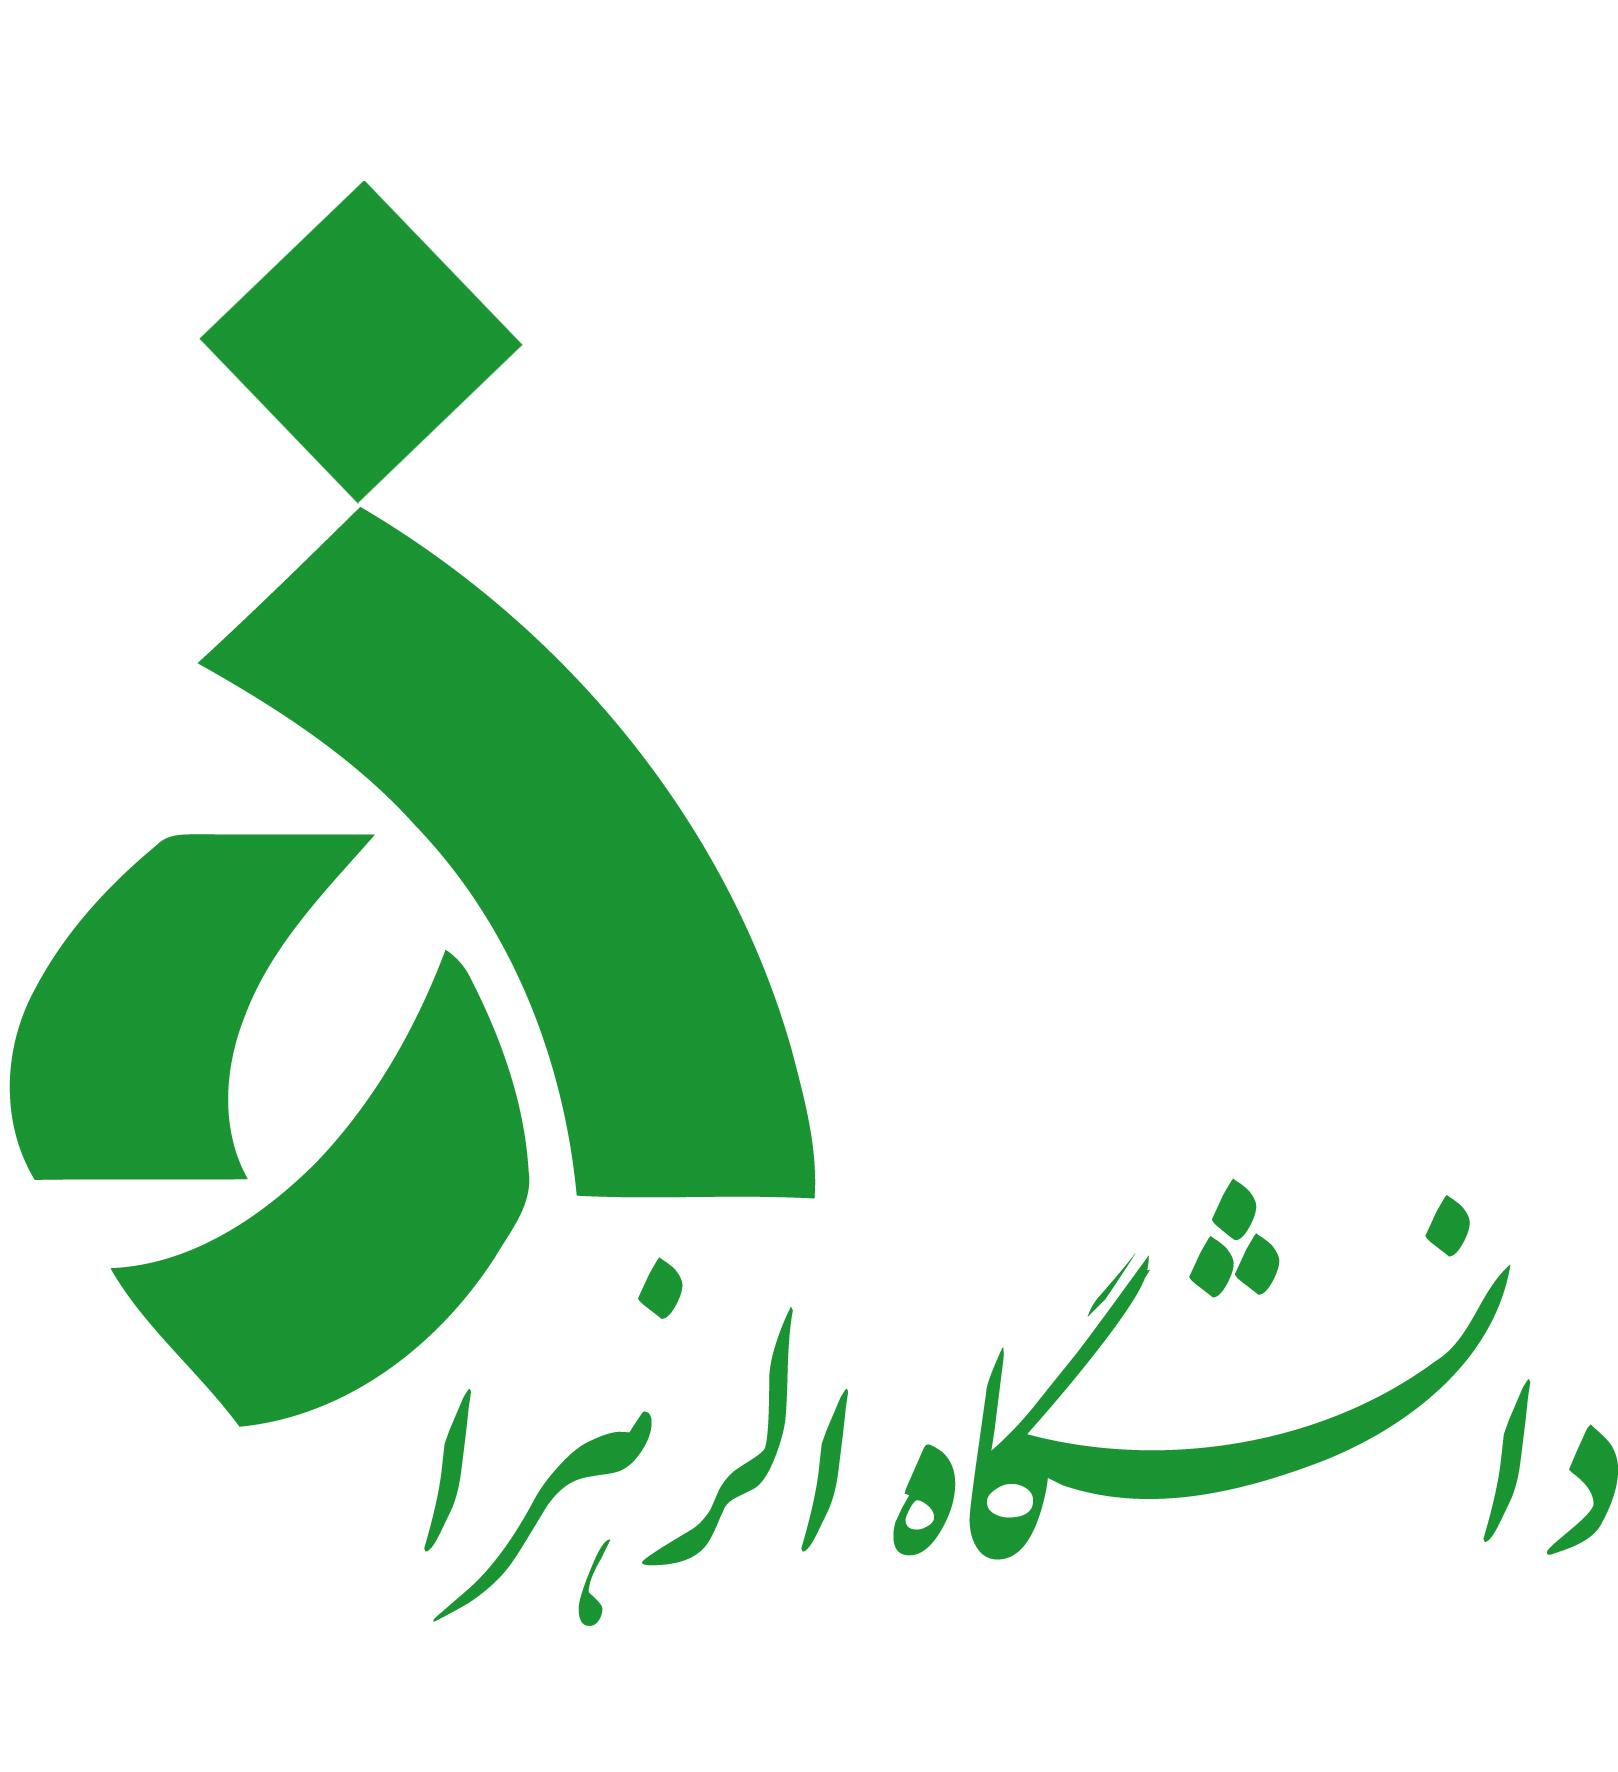 azzahra_un_logo_20121117_19167491221